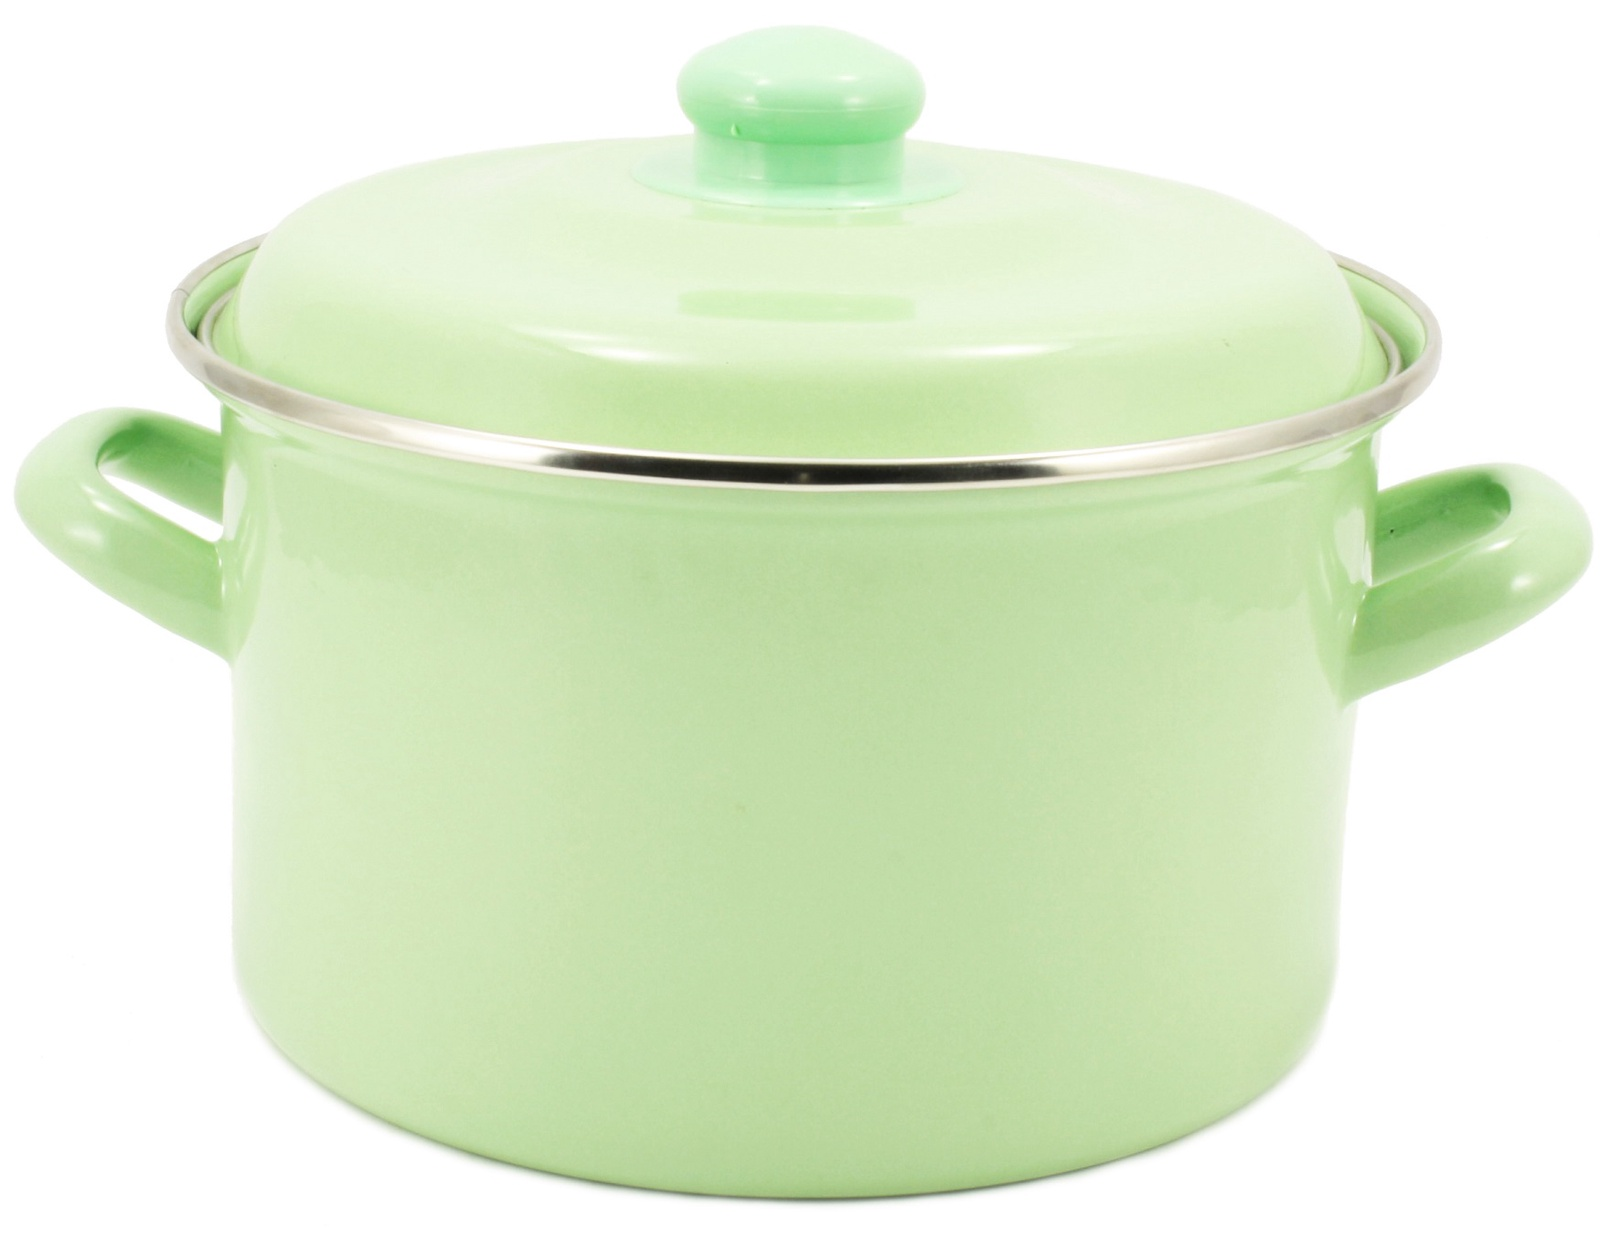 Фото - Кастрюля Interos МЯТА 4,7 литра с металлической крышкой, светло-зеленый посуда для приготовления пищи